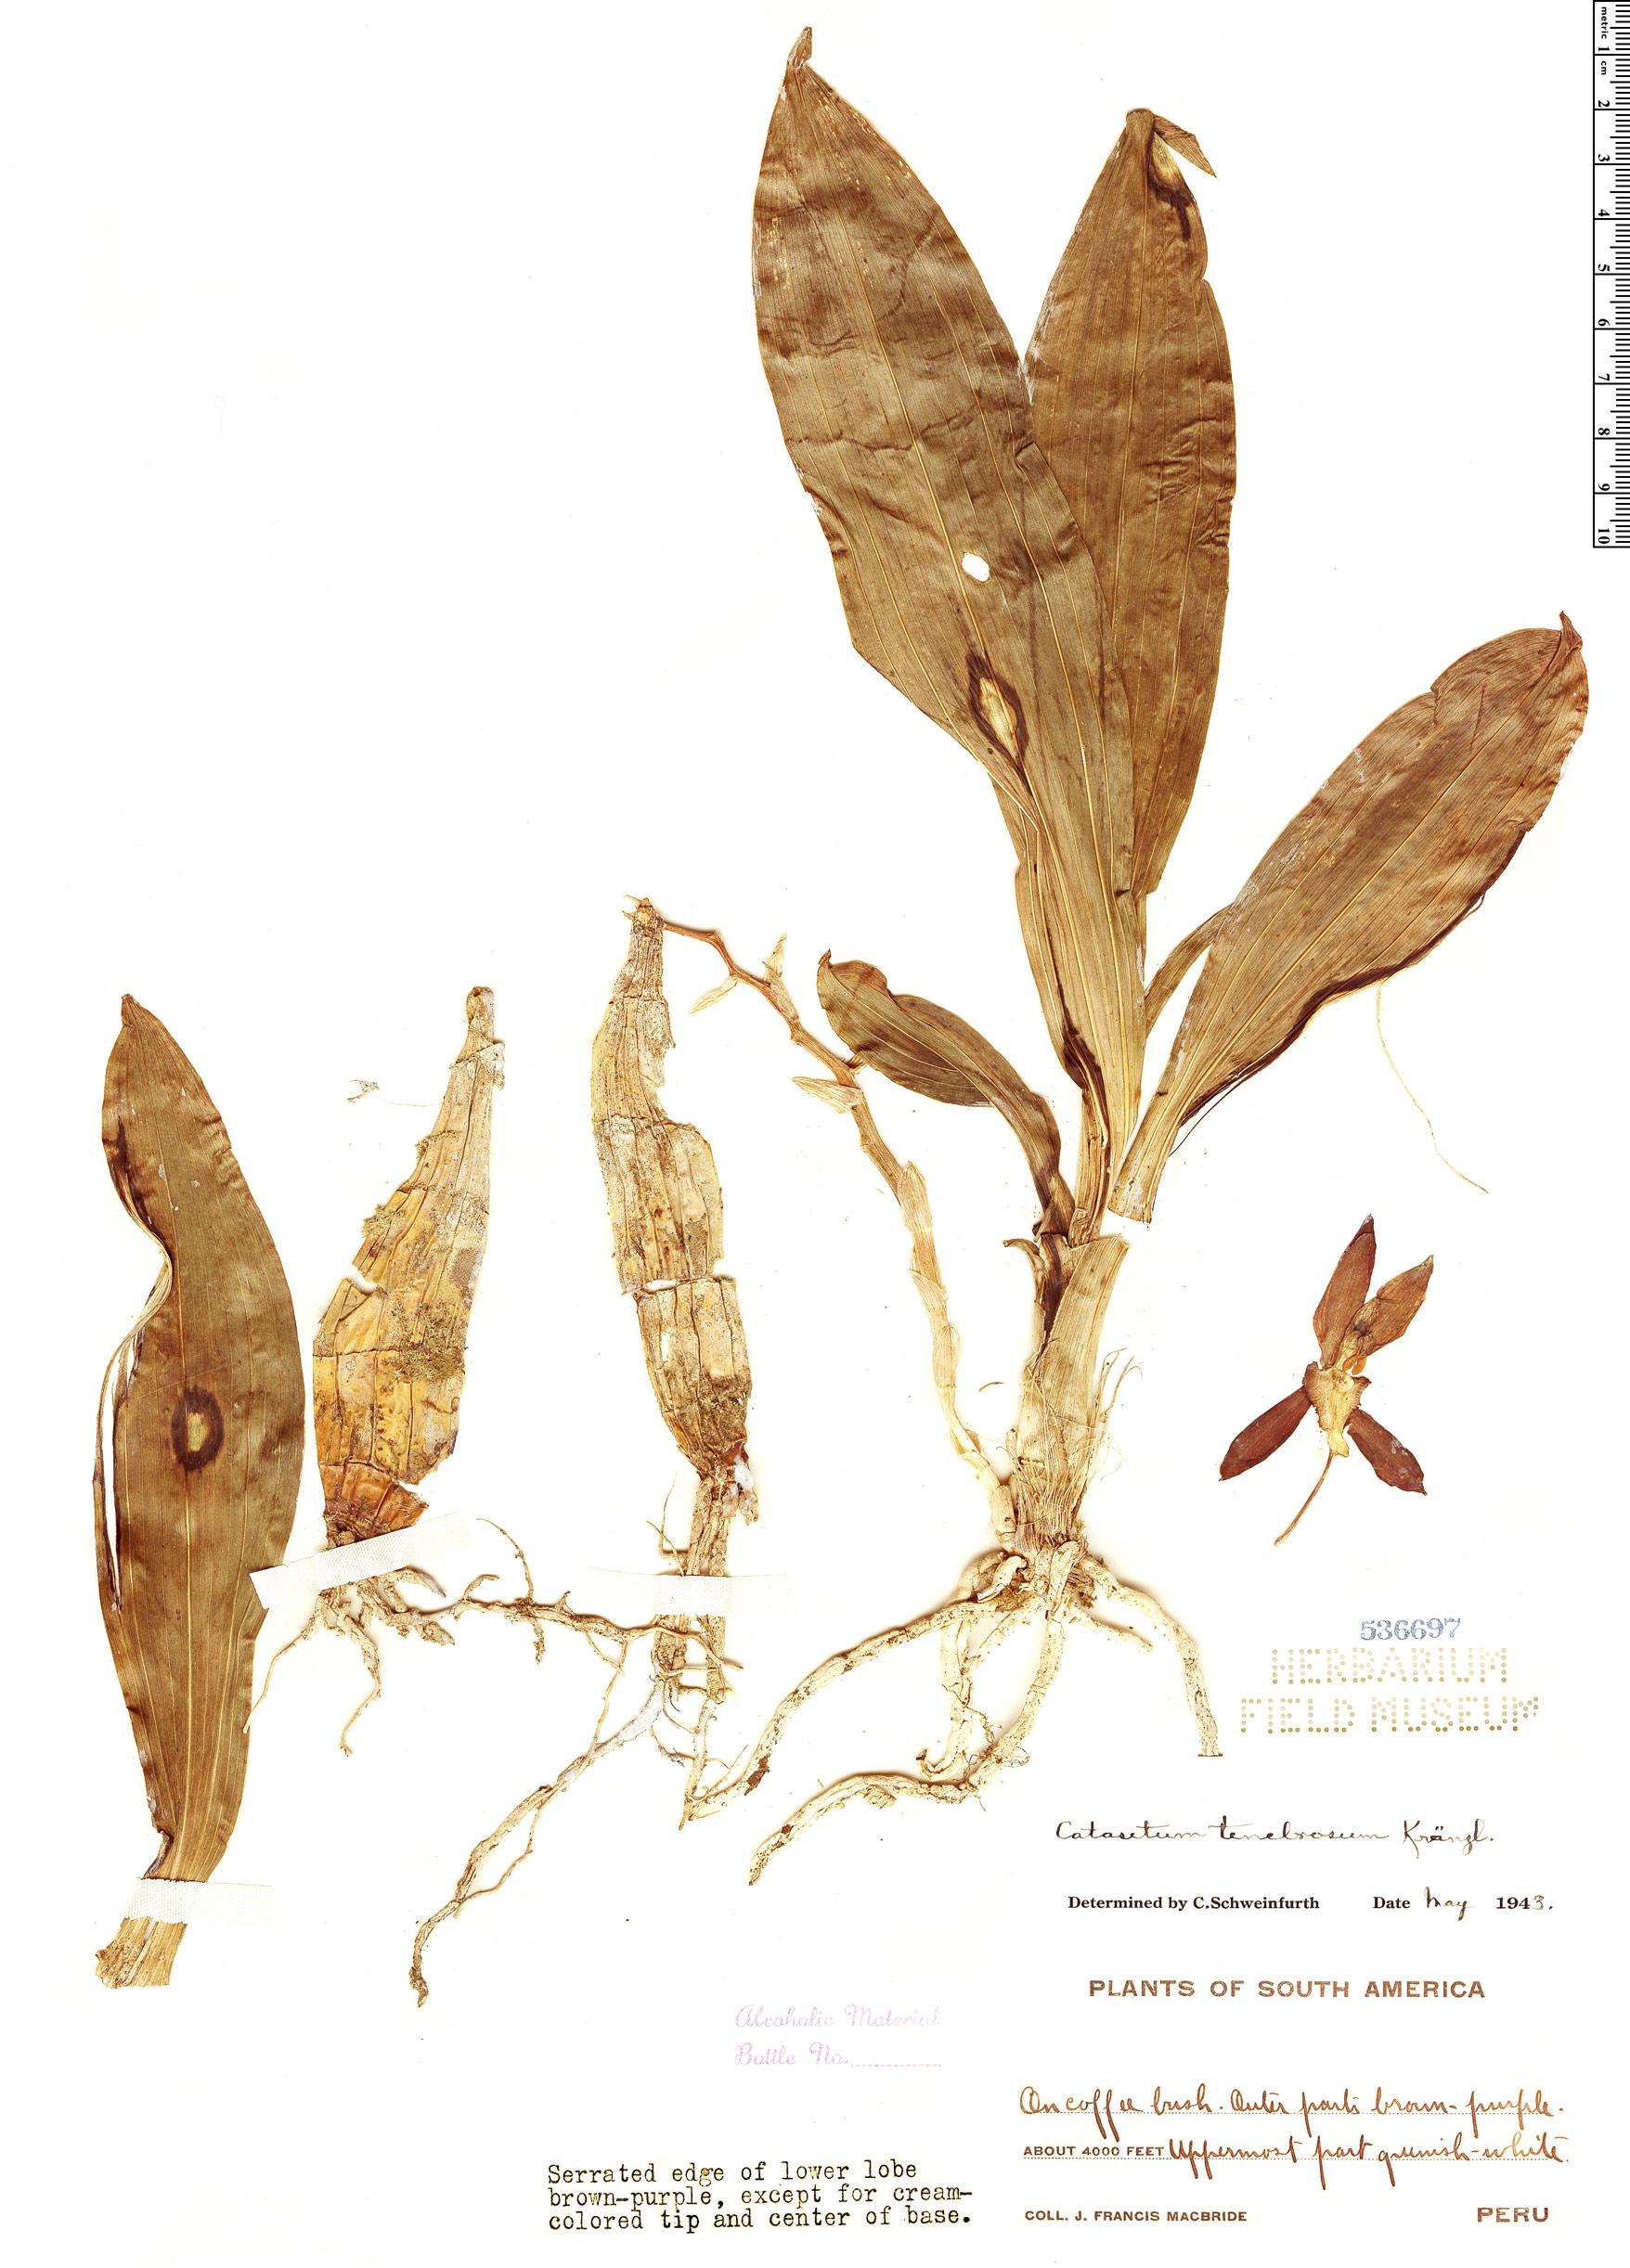 Specimen: Catasetum tenebrosum